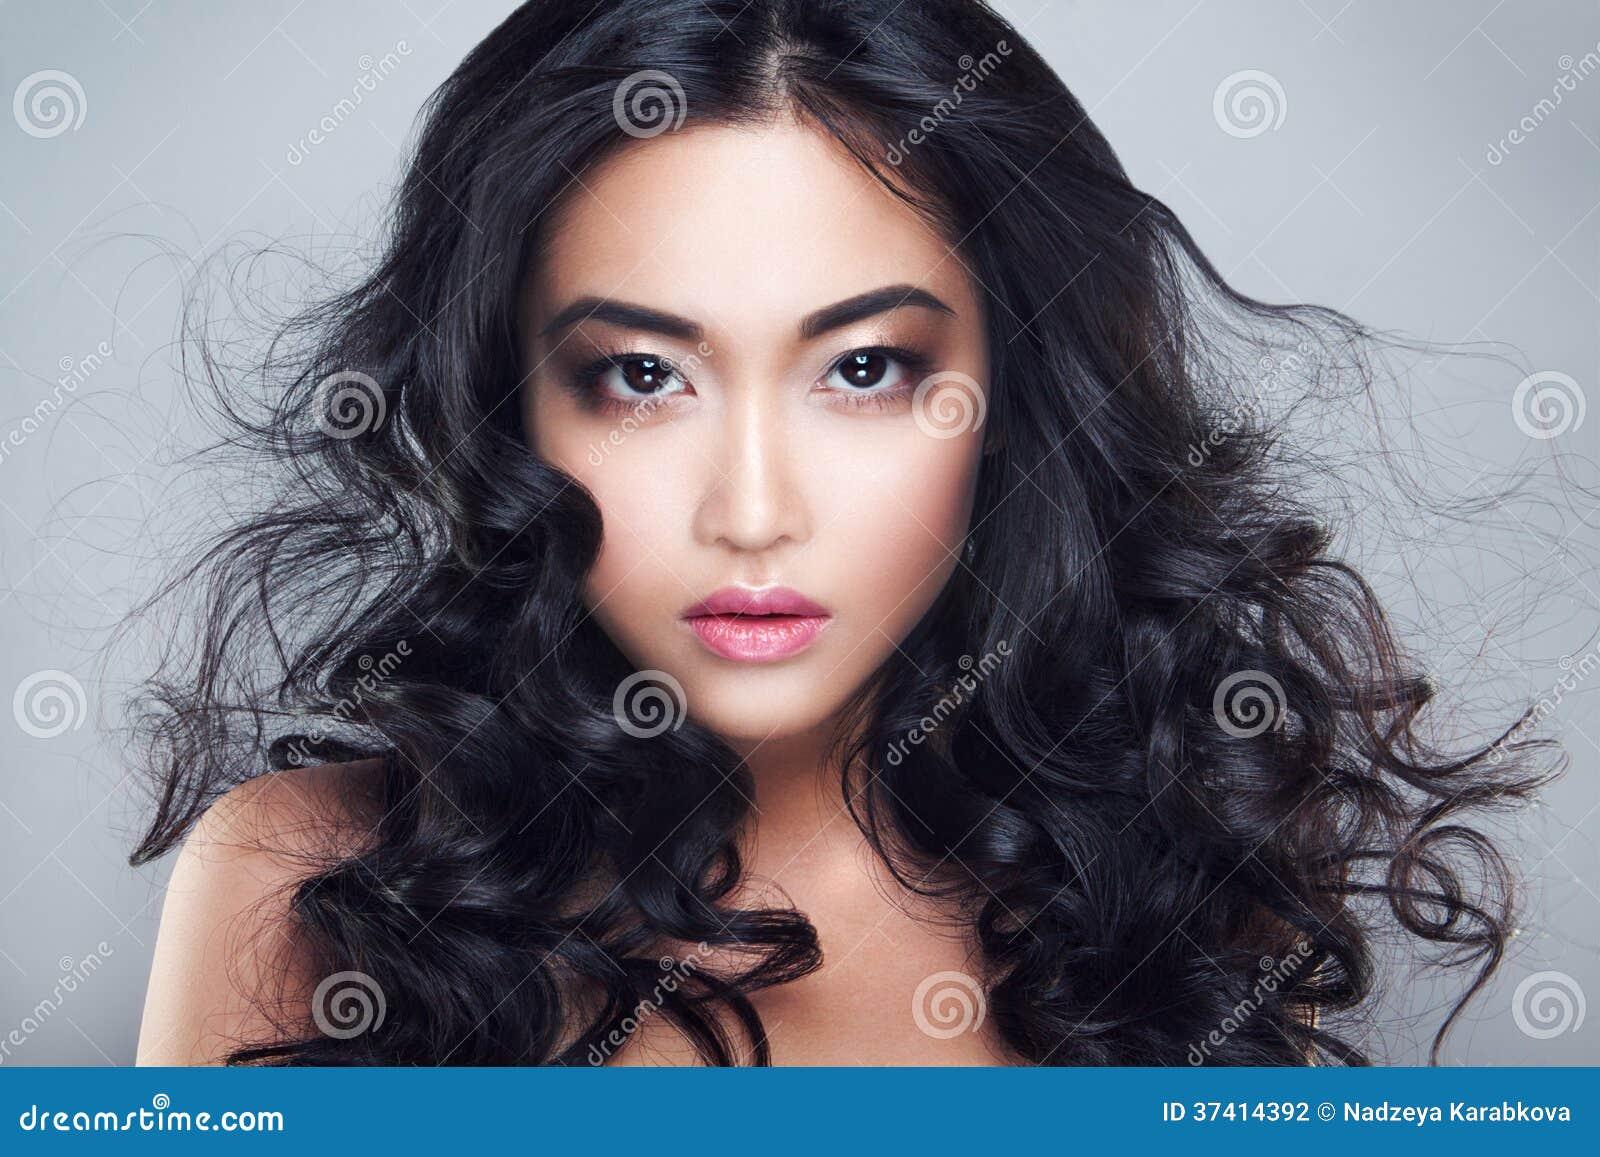 Asian Woman Black Hair 41